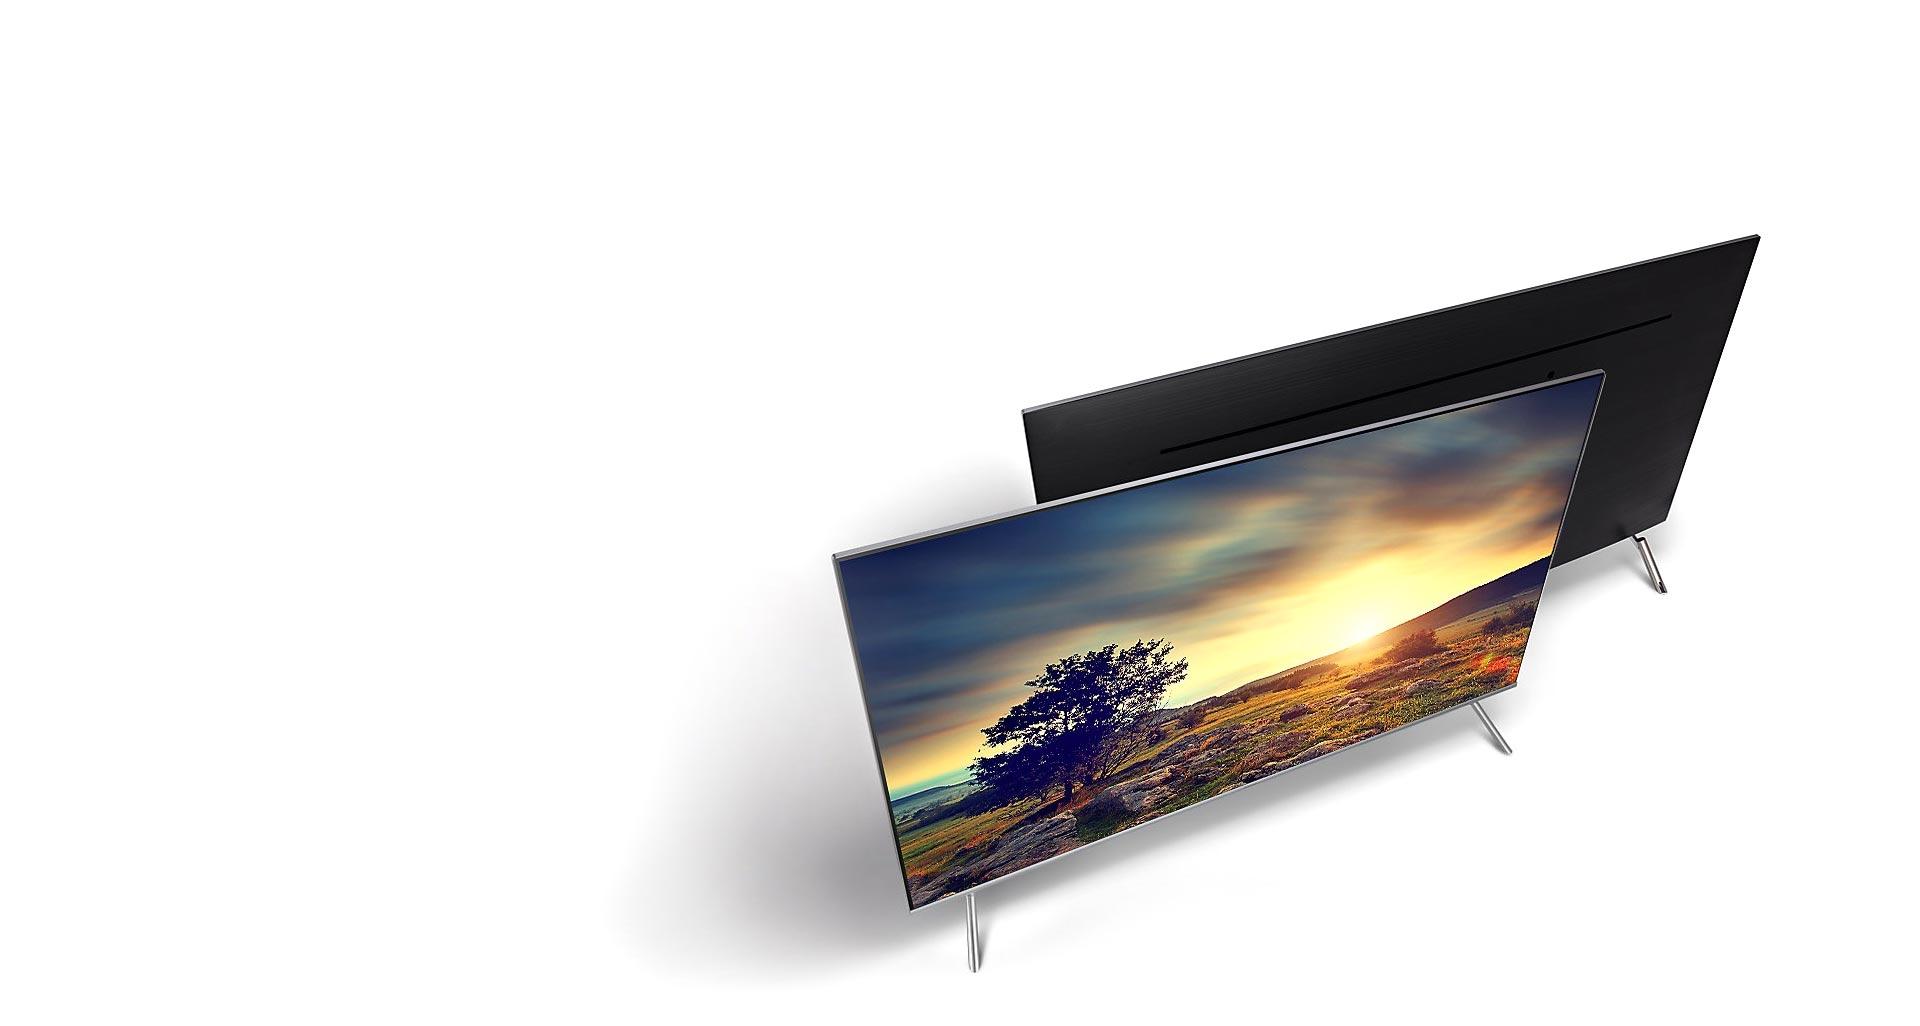 زیبایی همه جانبه تلویزیون 8900